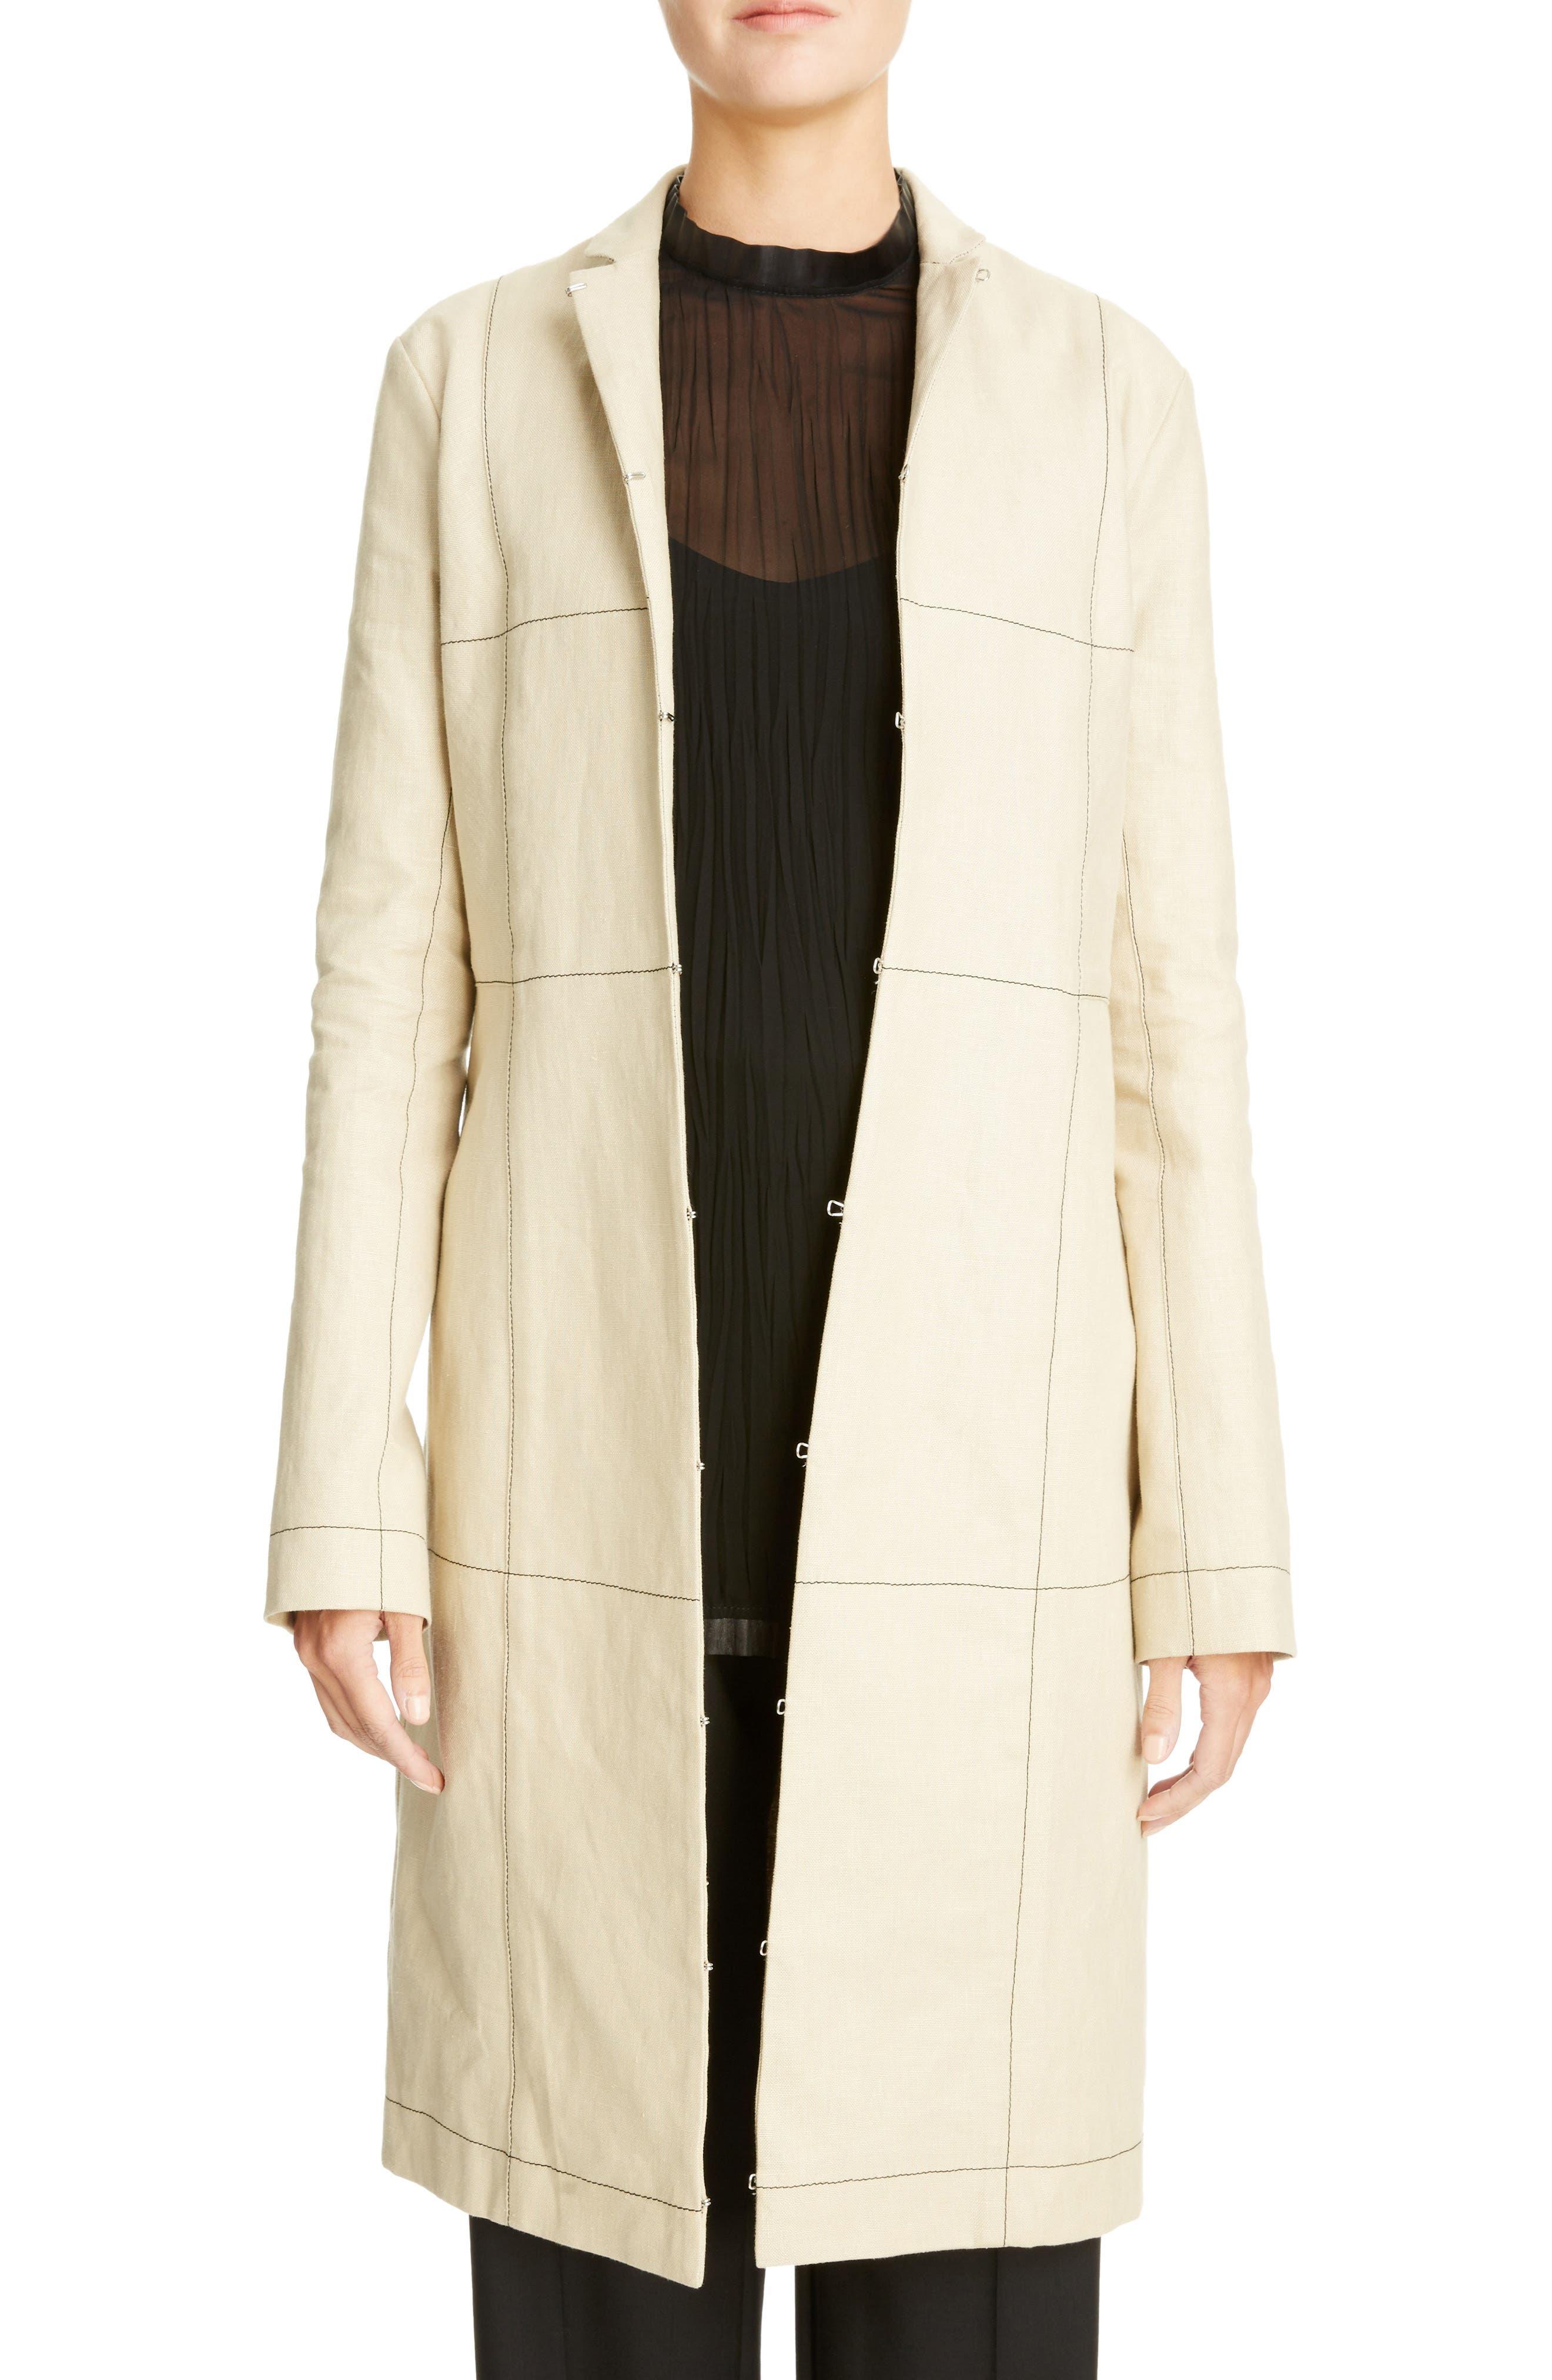 Topstitched Linen Coat,                             Main thumbnail 1, color,                             273